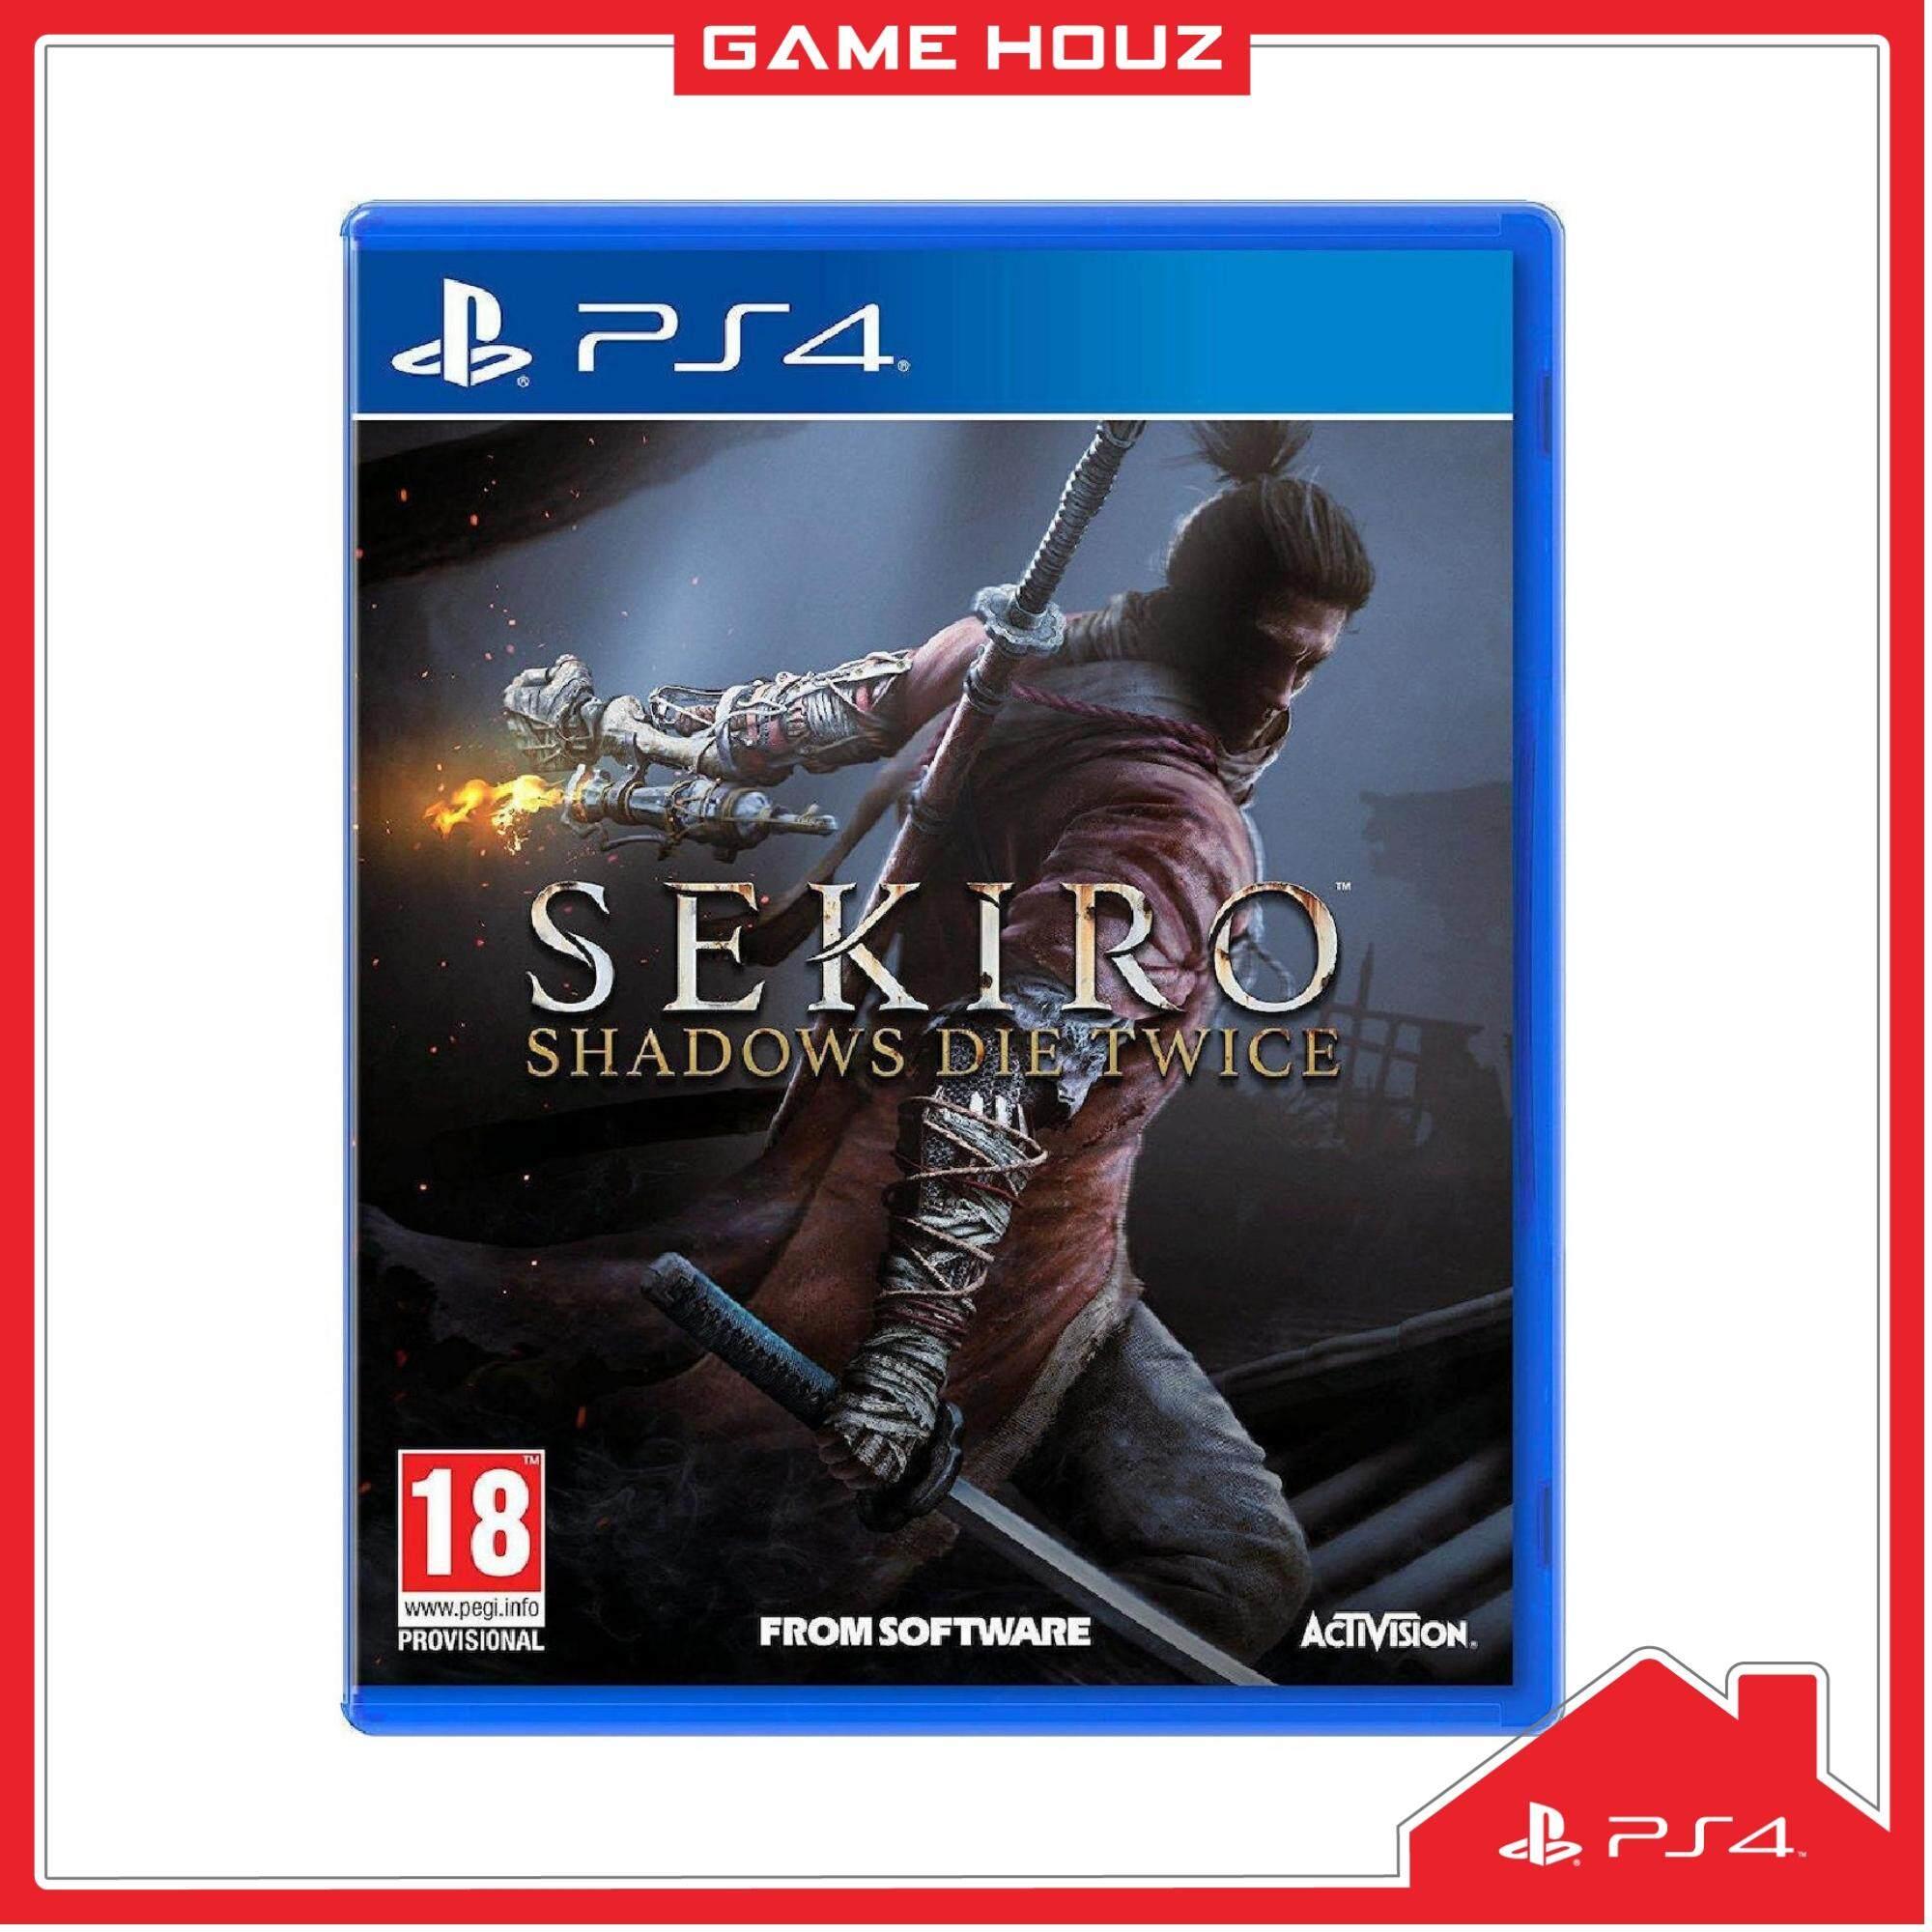 (PS4) Sekiro: Shadows Die Twice (R3/ENG)